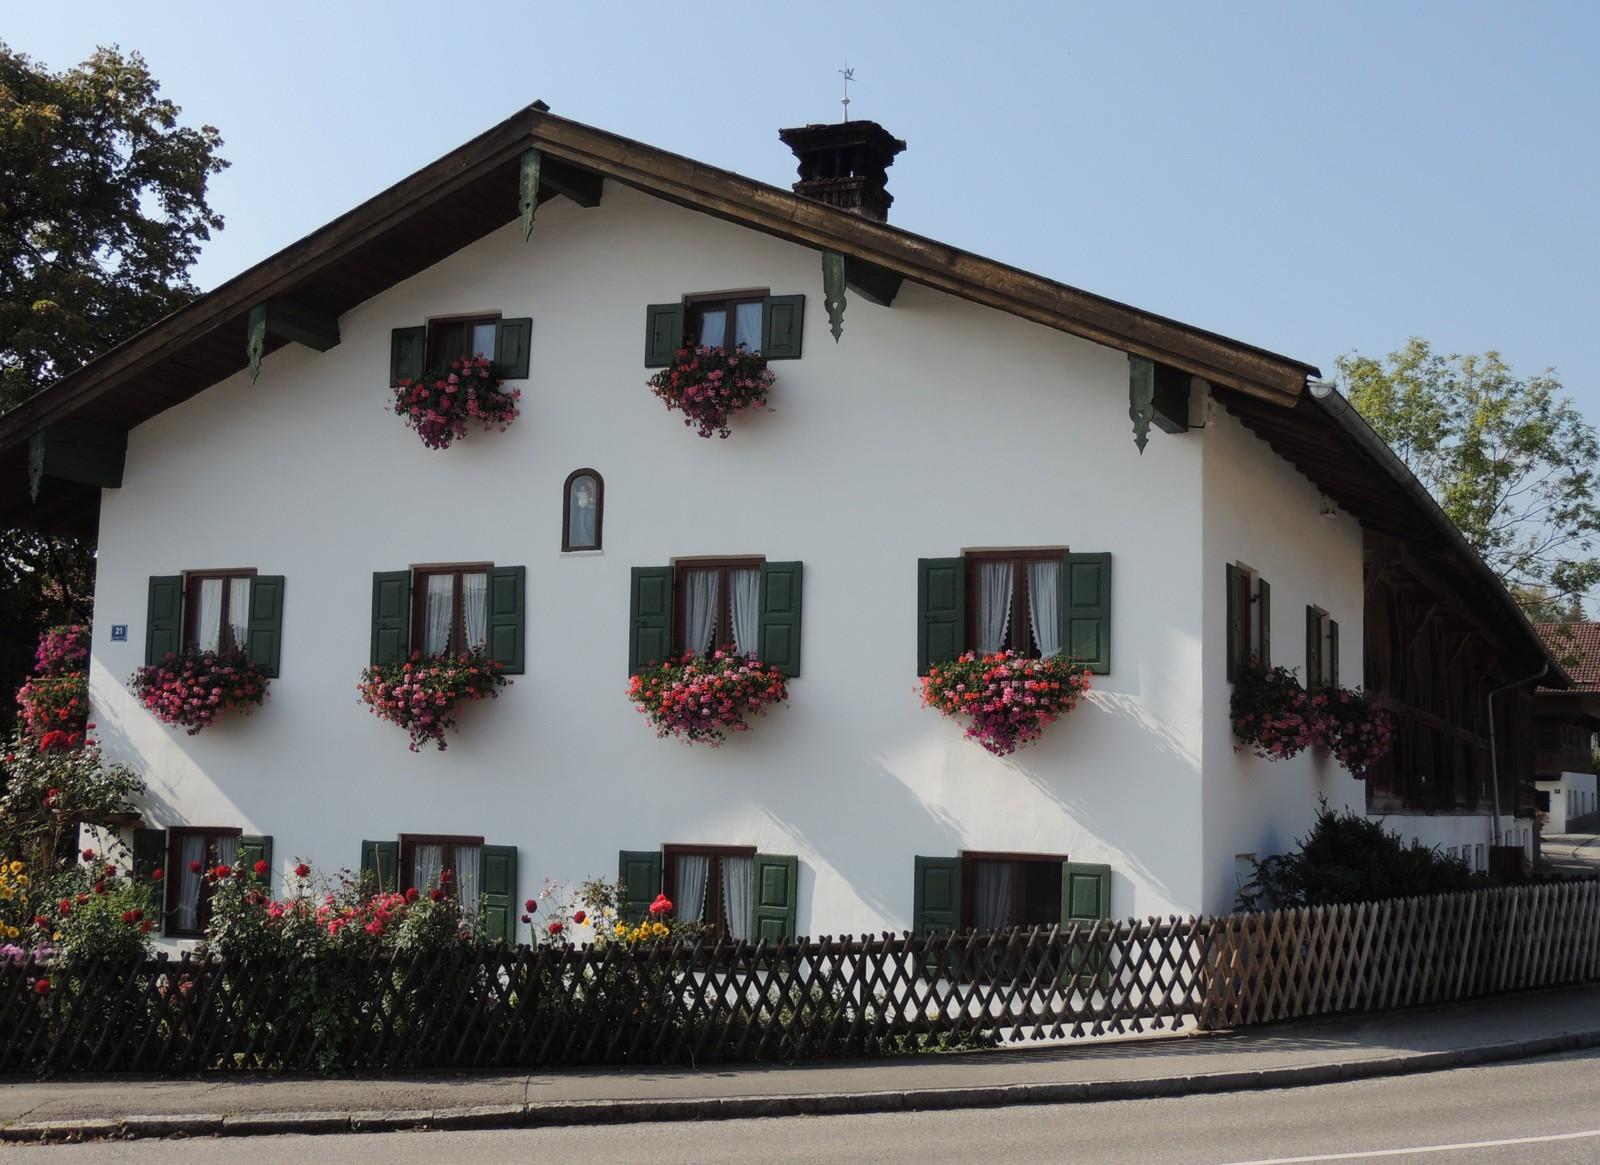 Grünwald-Rundkurs - Hohenschäftlarn - Haus Starnberger Straße 21